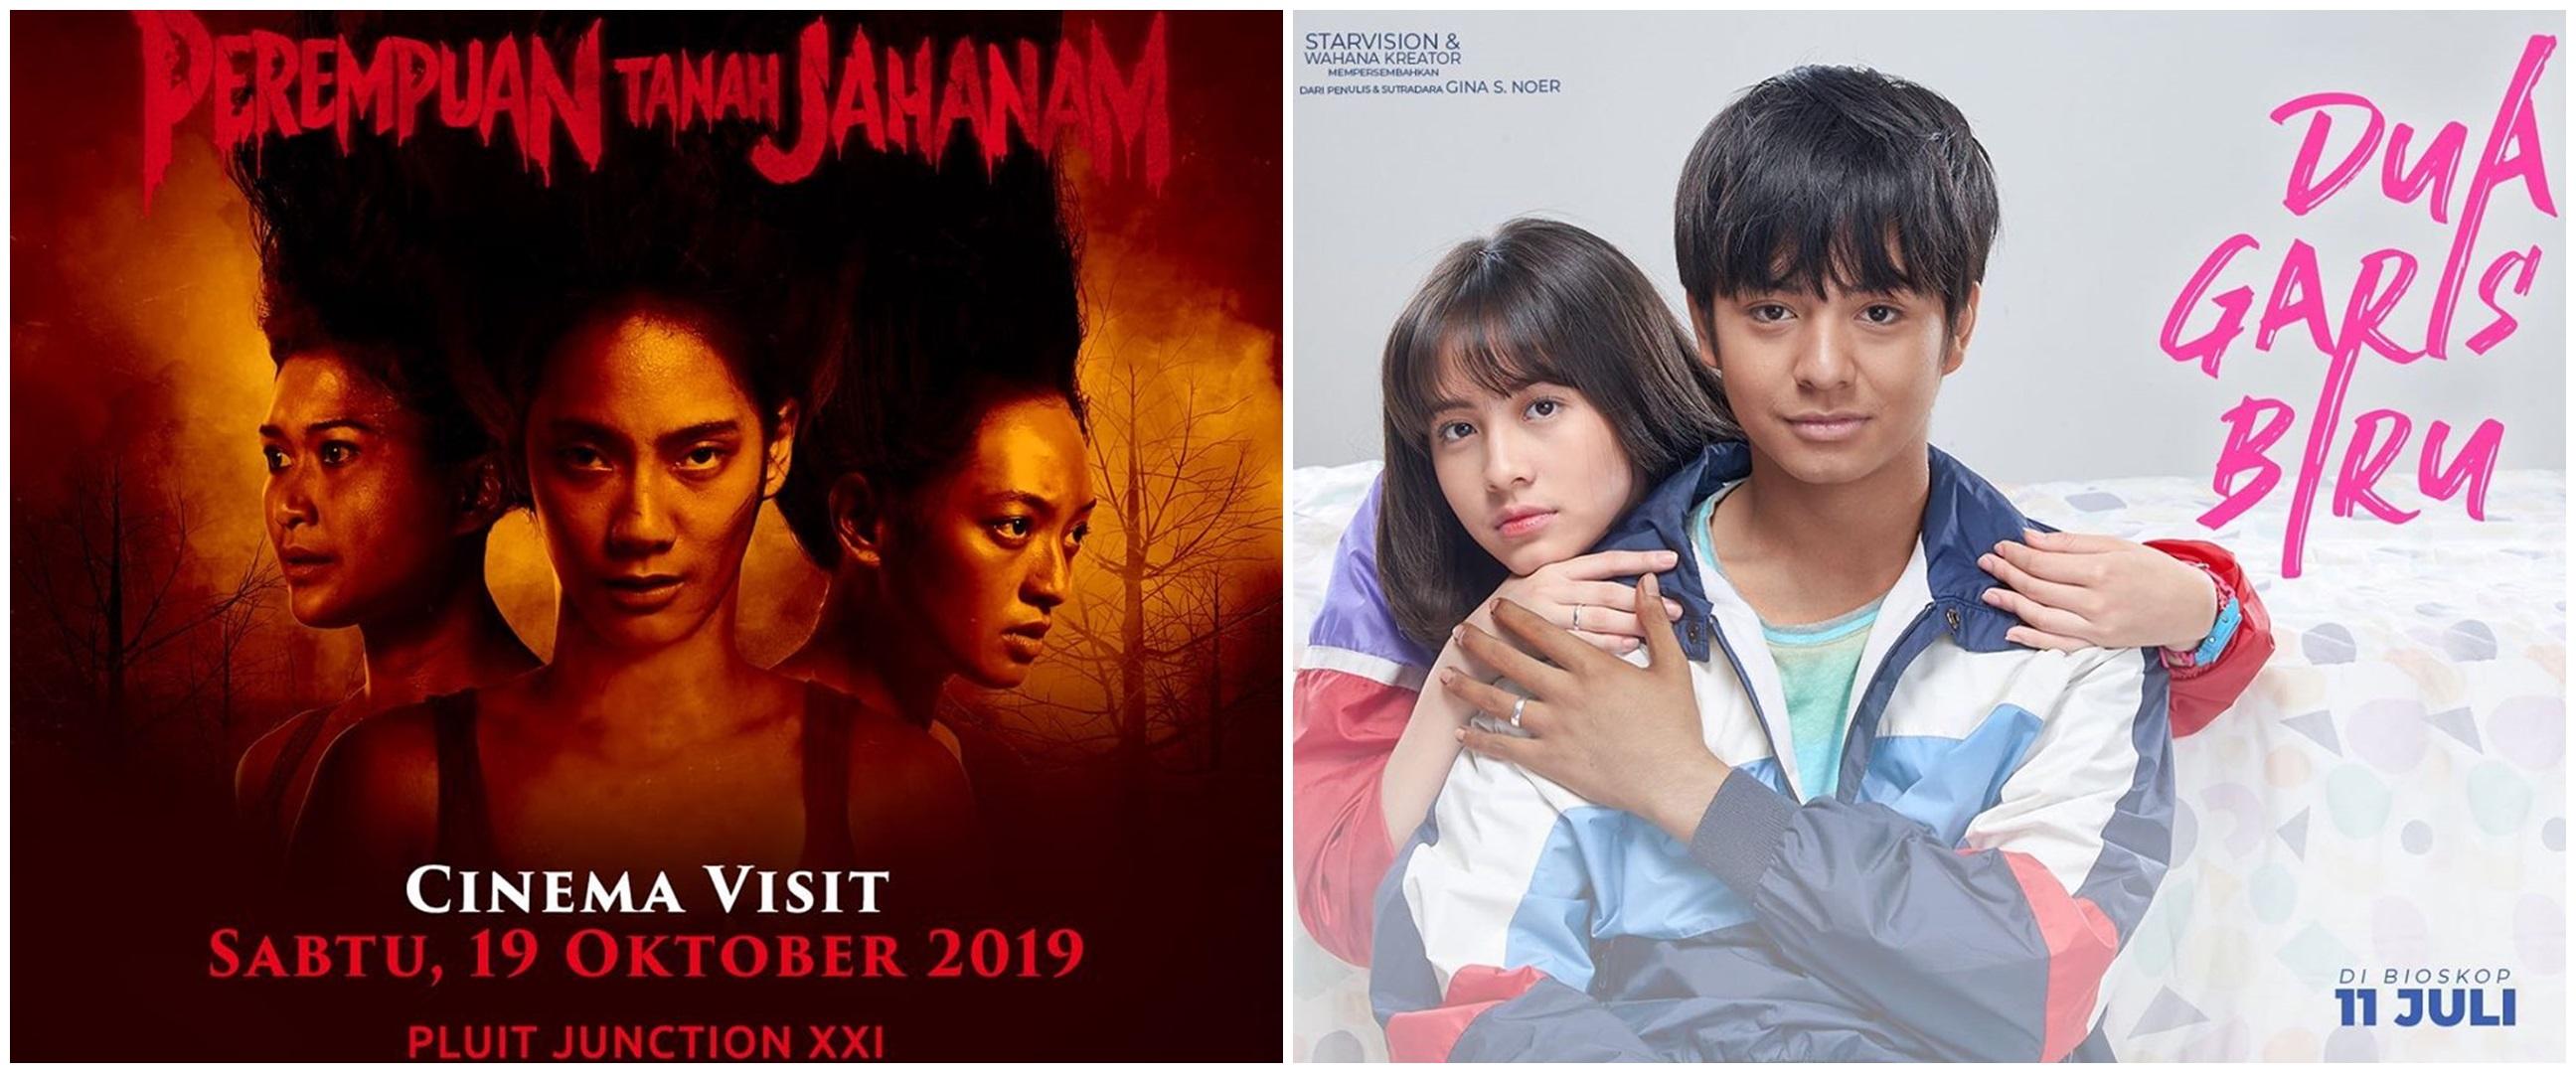 10 Film Indonesia 2019 dengan jumlah penonton terbanyak